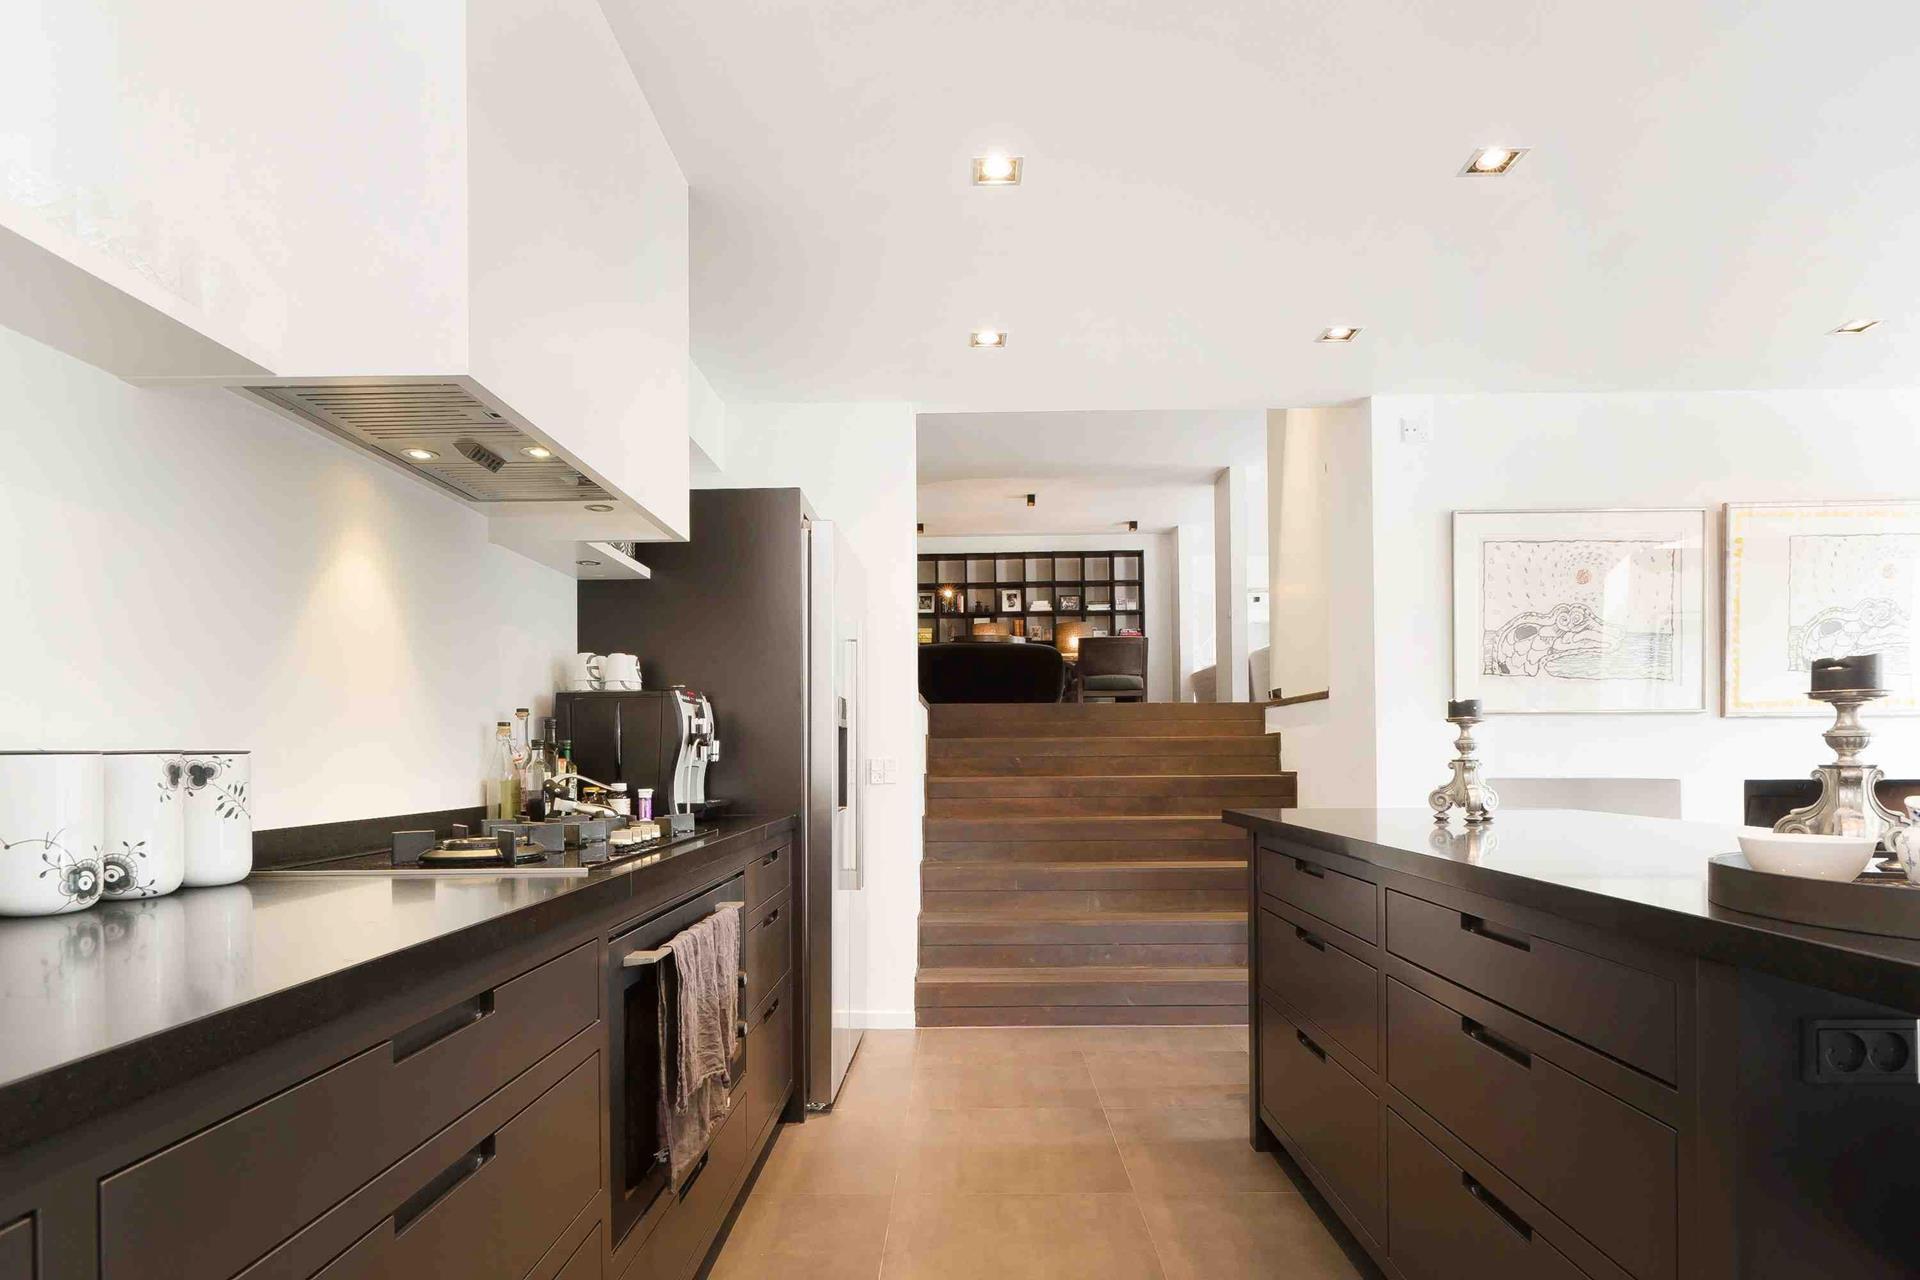 кухня кухонный остров встроенная вытяжка плита столешница